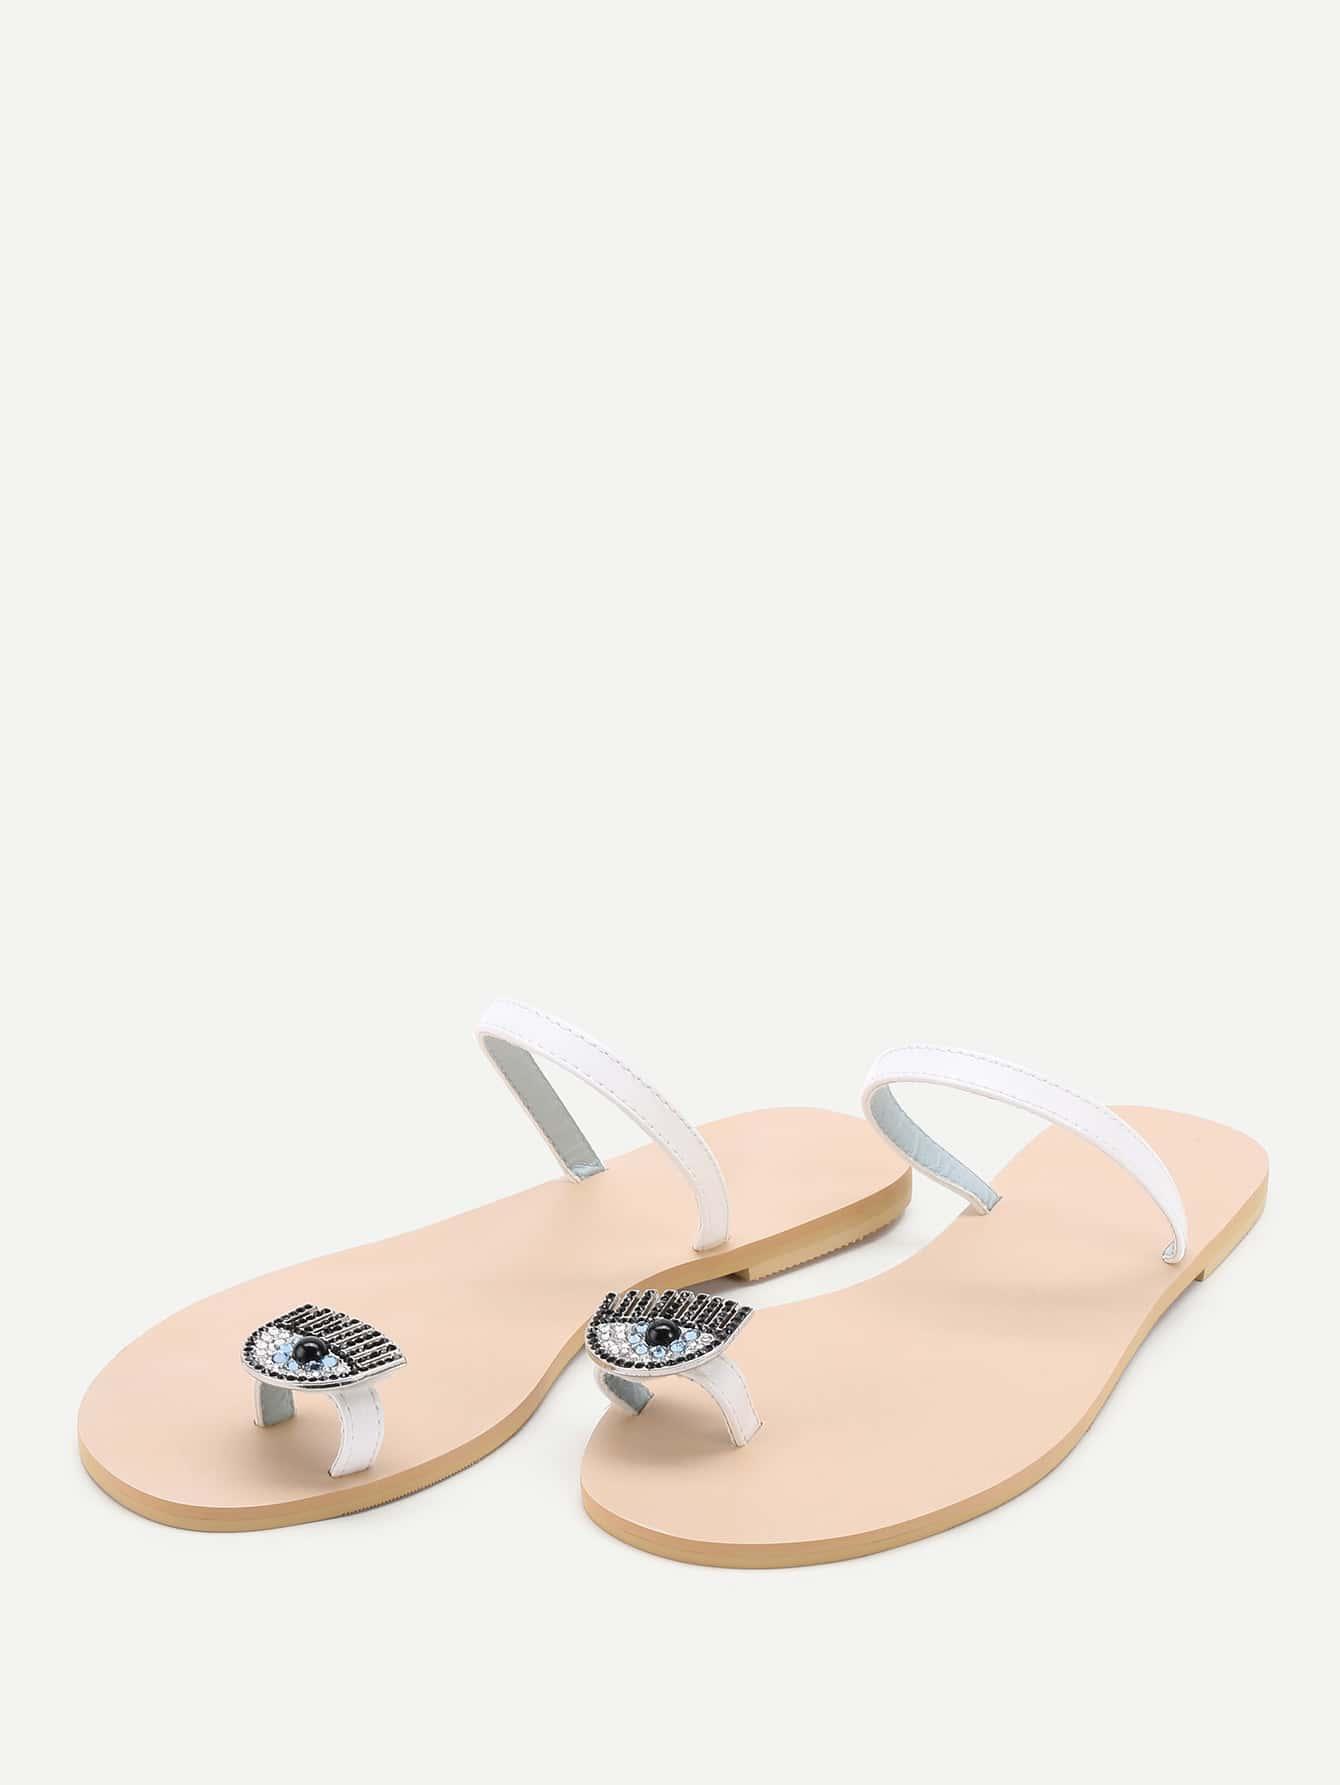 shoes170504830_2